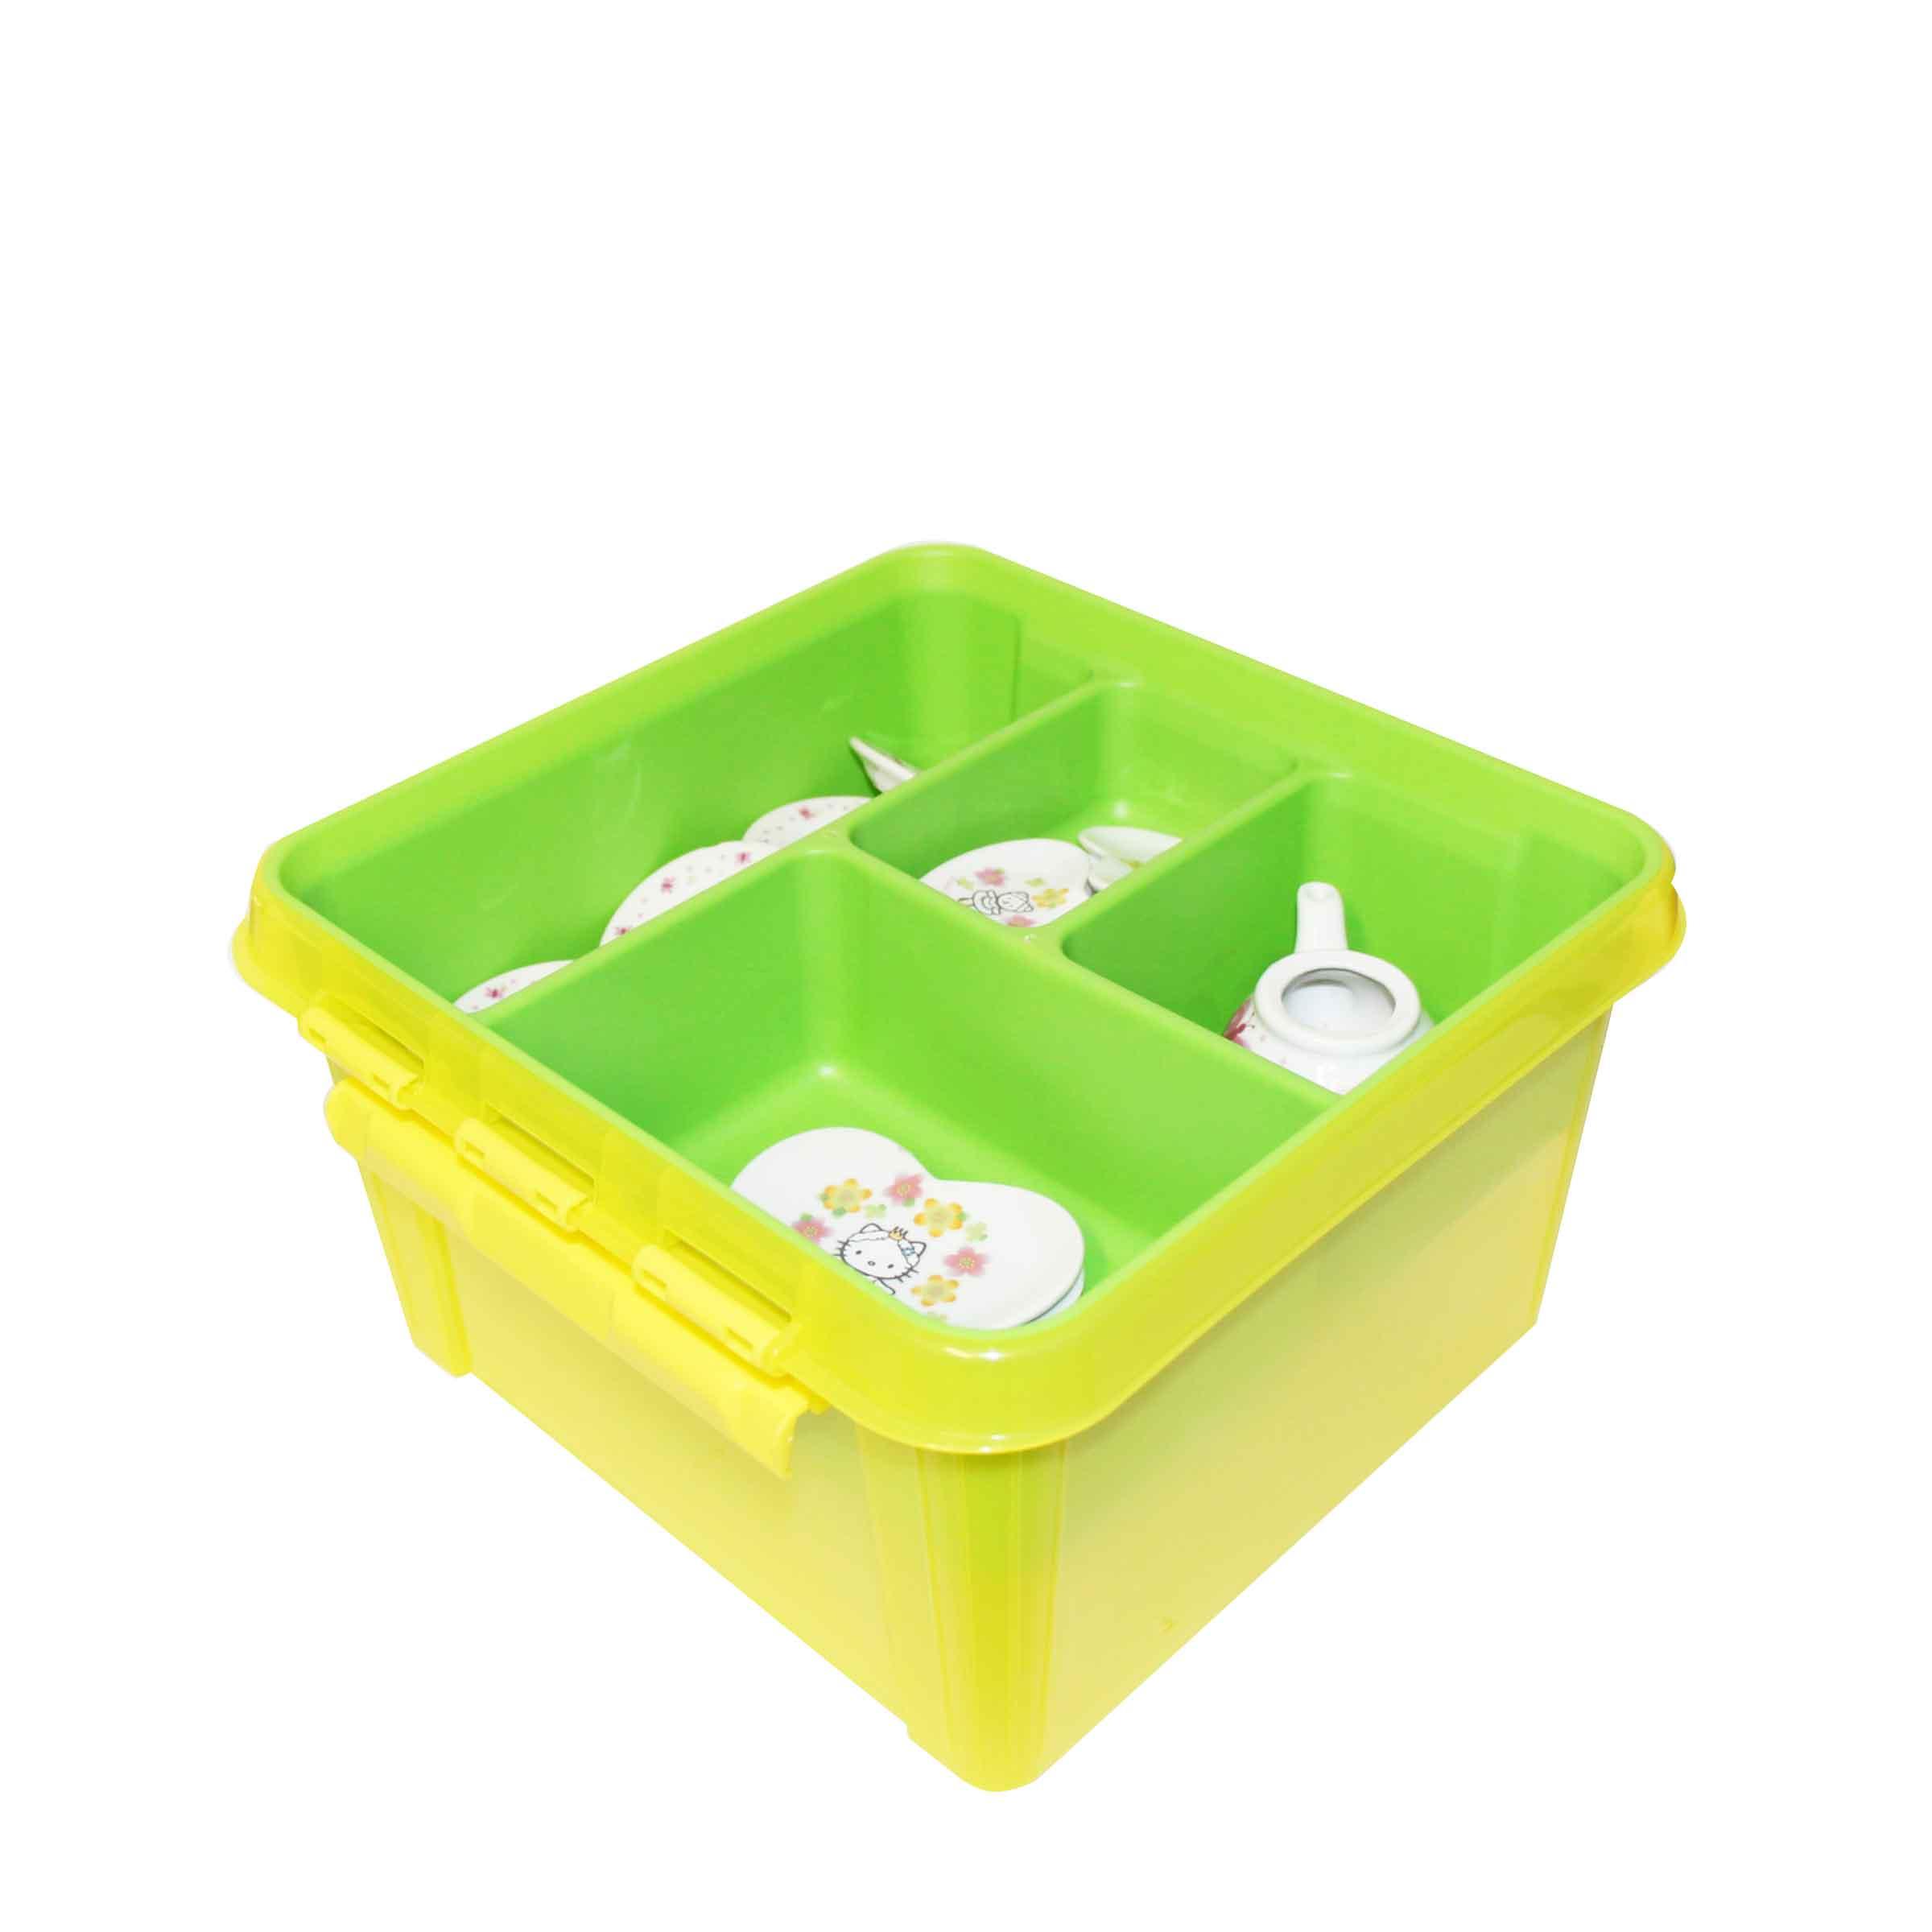 bac de rangement carrée en plastique transparent jaune avec compartiments en plasique vert